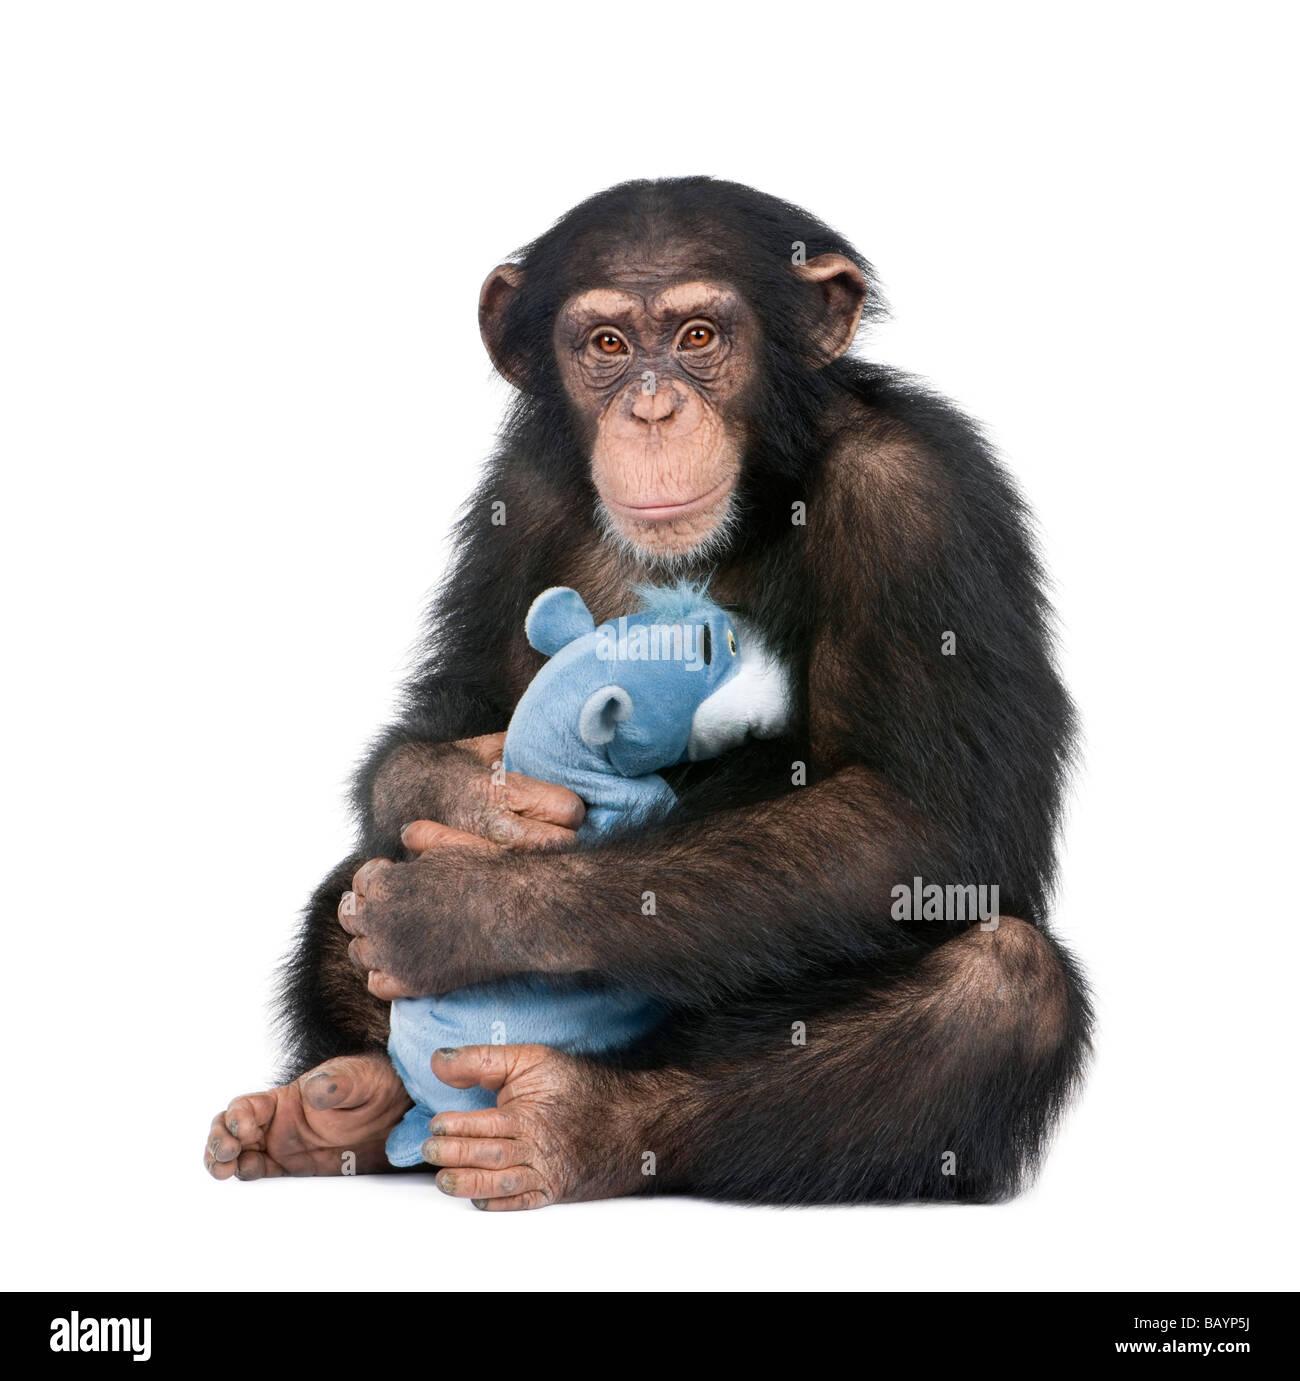 Jeune chimpanzé avec son ours en peluche Simia troglodytes 5 ans devant un fond blanc Photo Stock